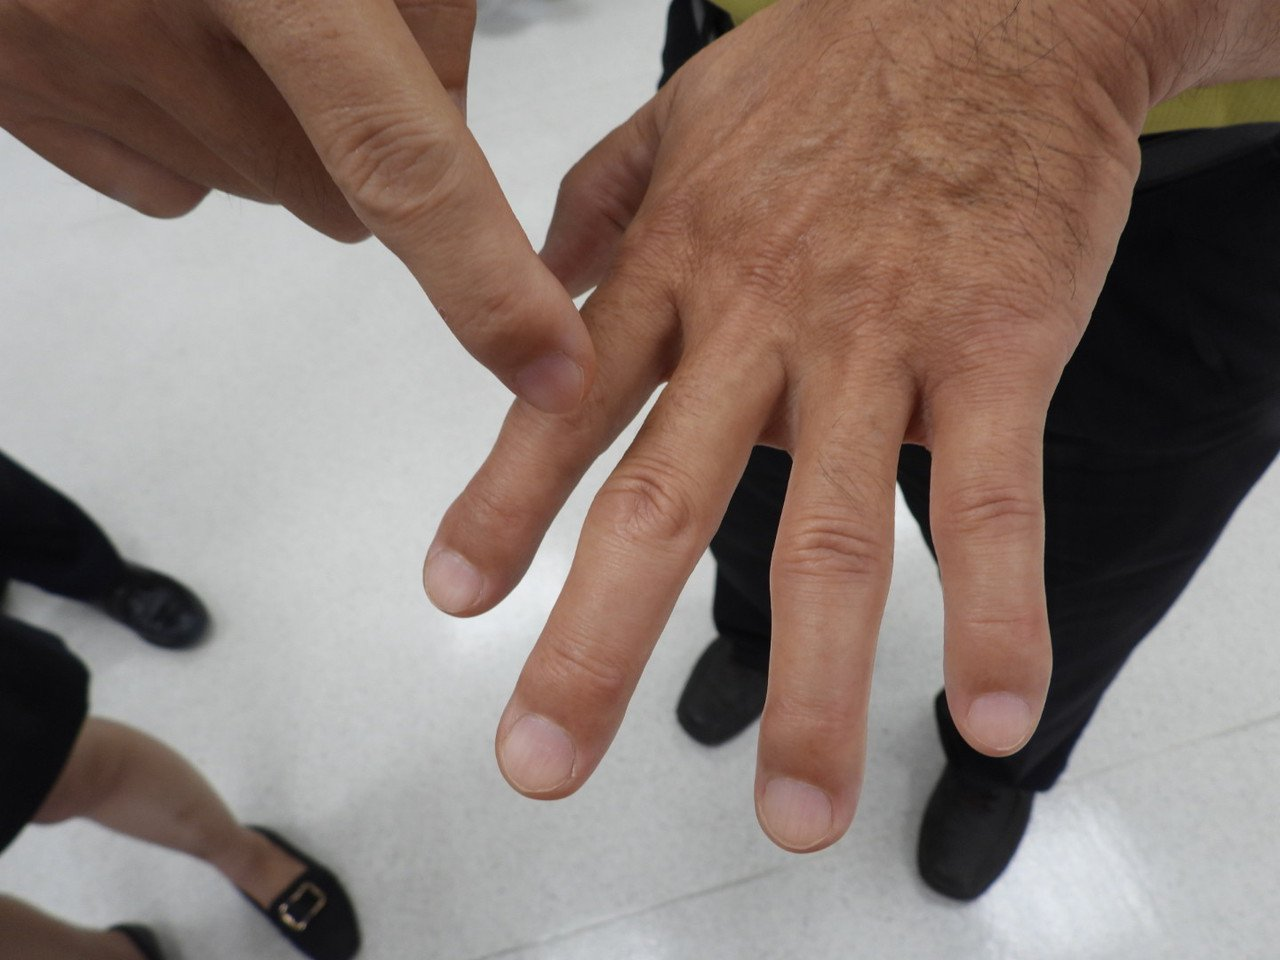 「肢端肥大症」手腳五官可能在幾年內肥大。記者周宗禎/攝影